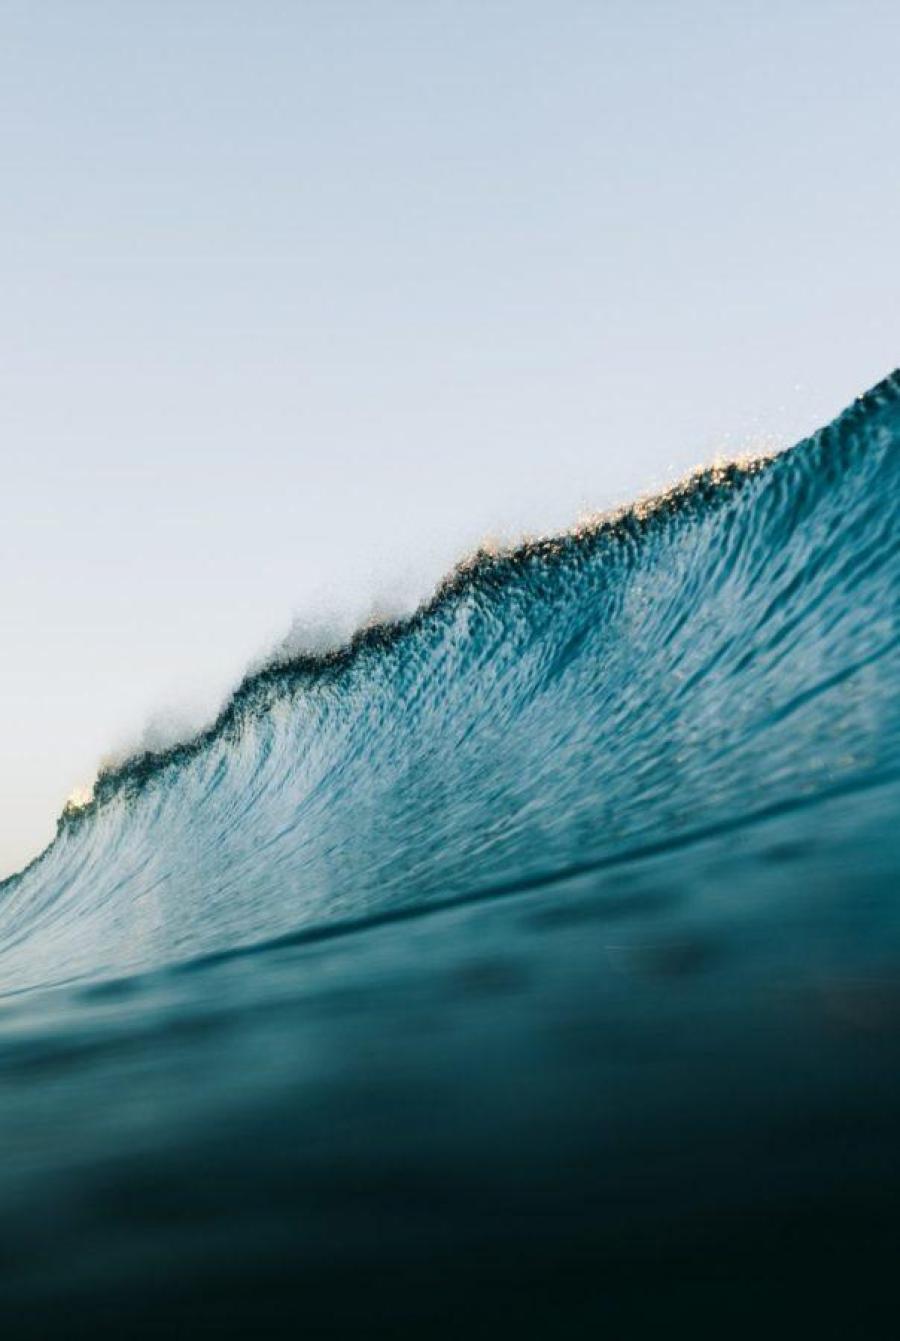 オフショアが吹いた時の波の様子